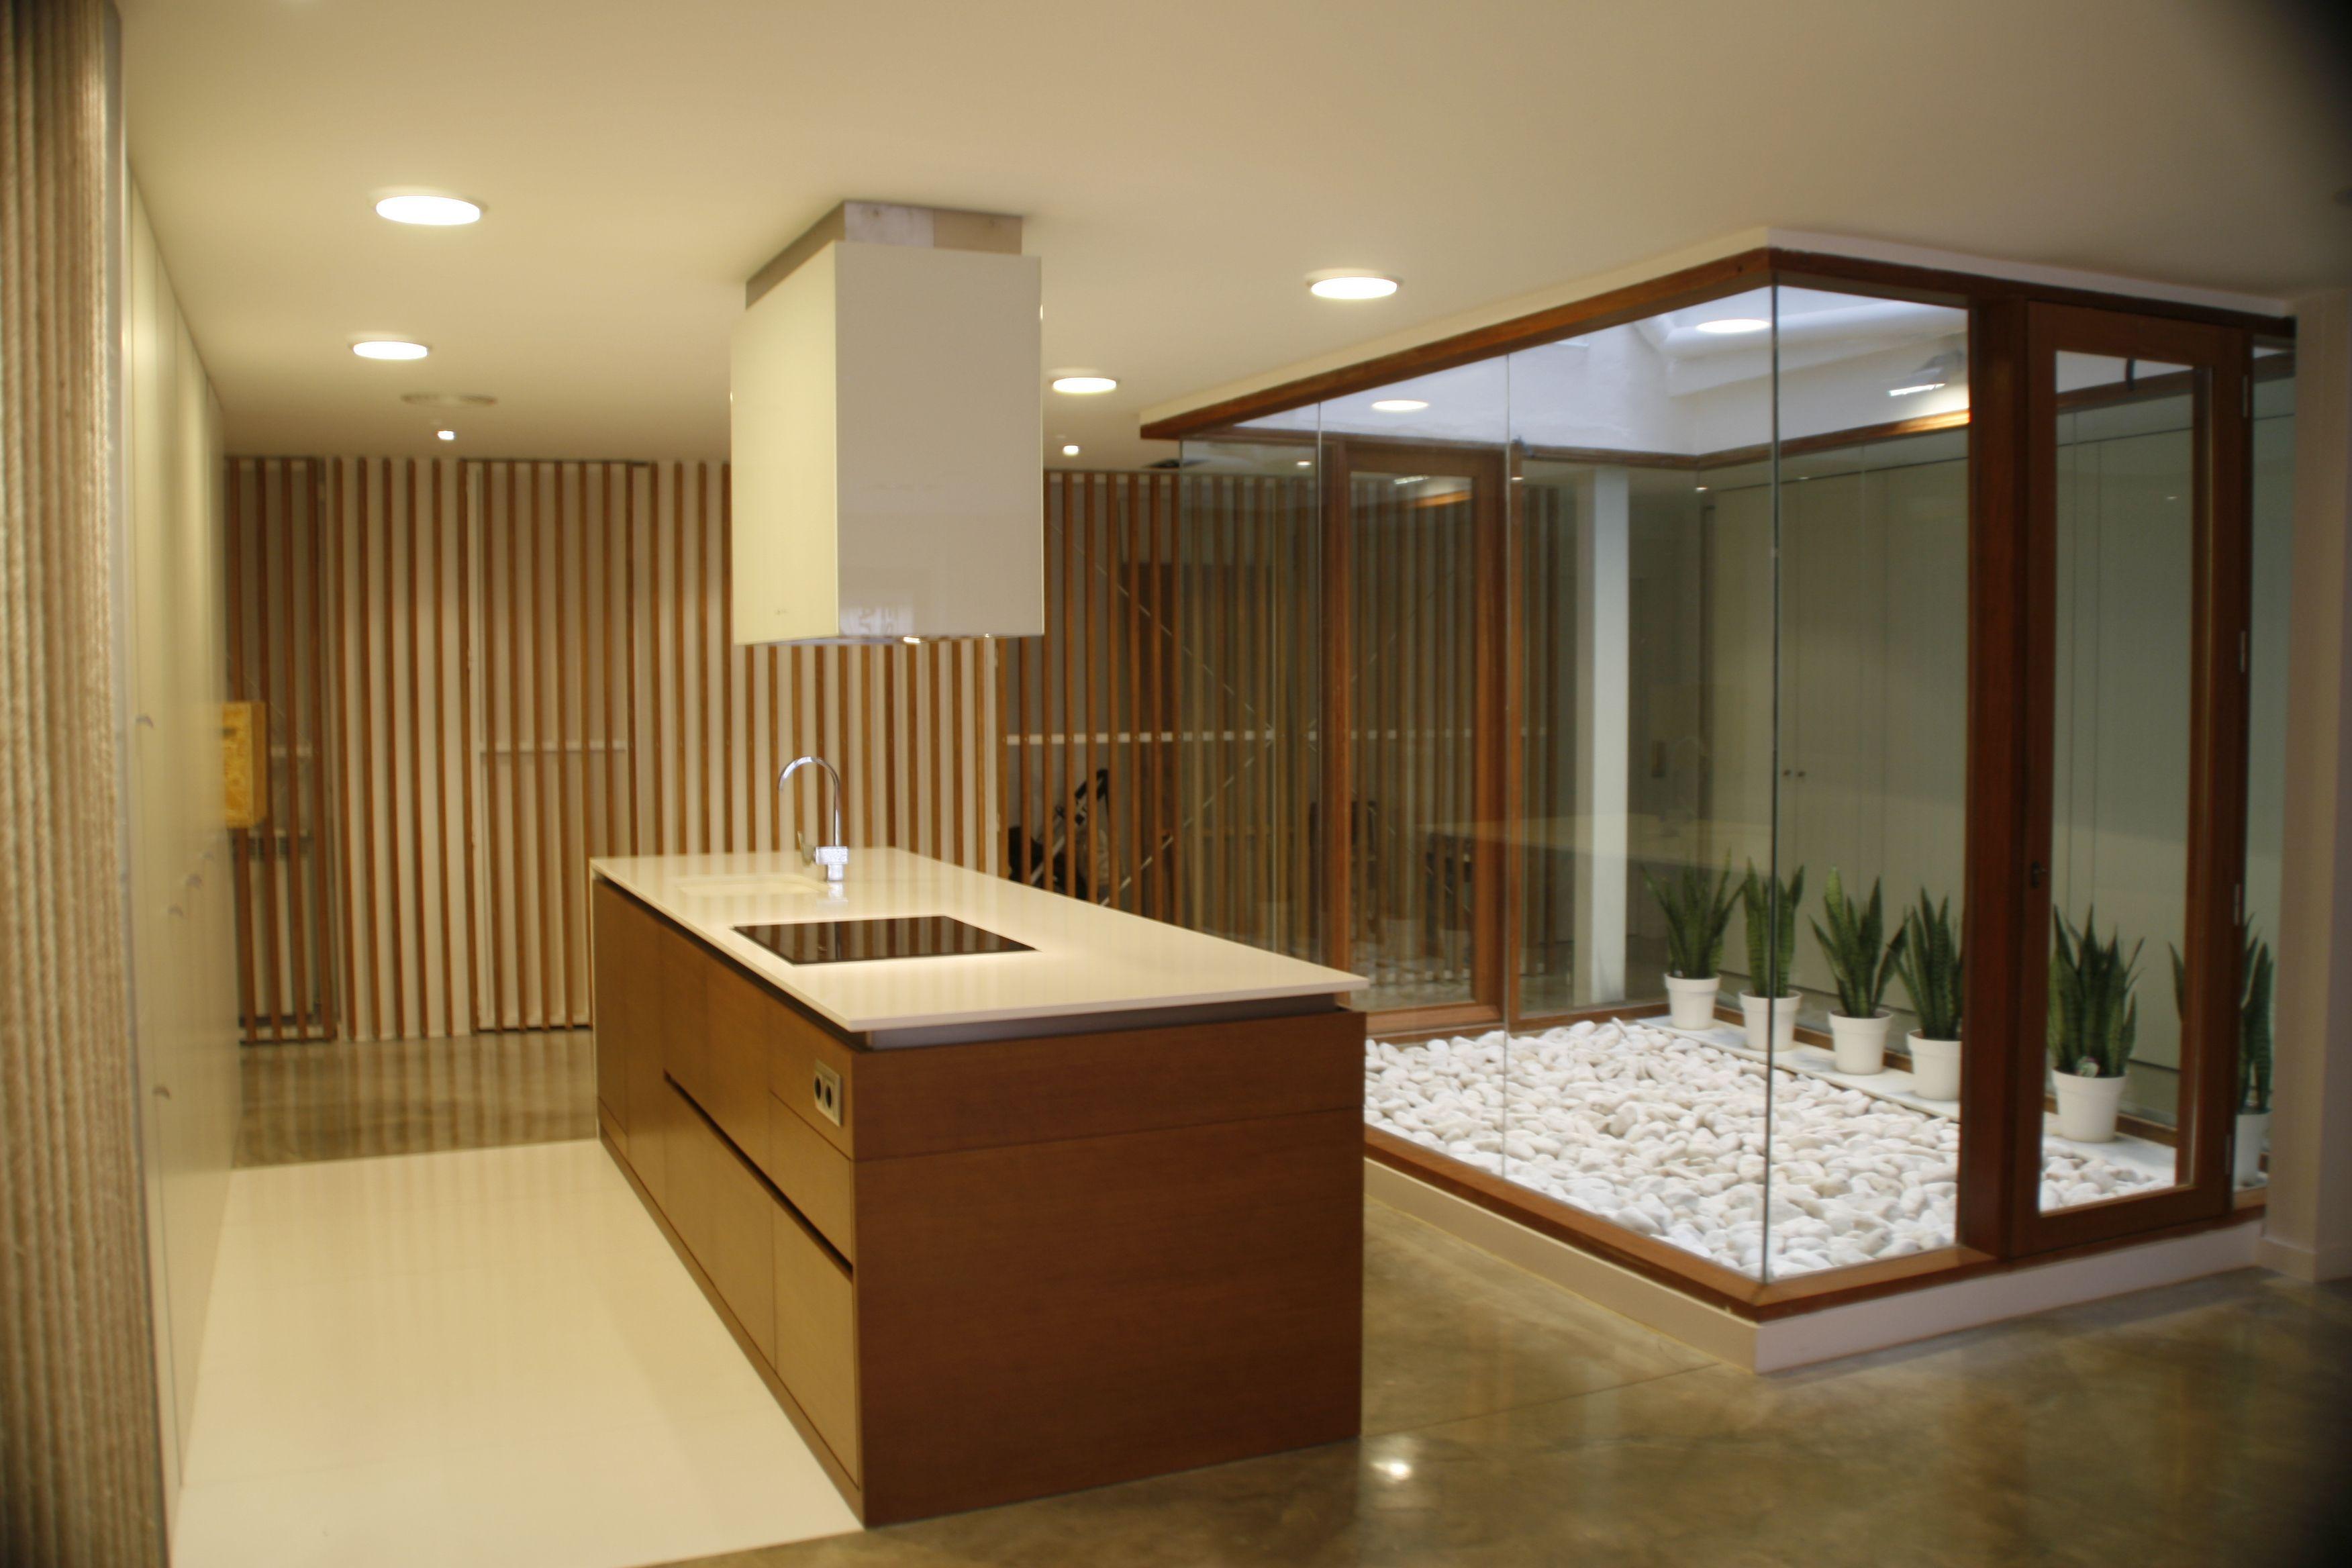 Ideas de #Decoracion de #Galería, #Cocina, #Patio, estilo #Moderno ...